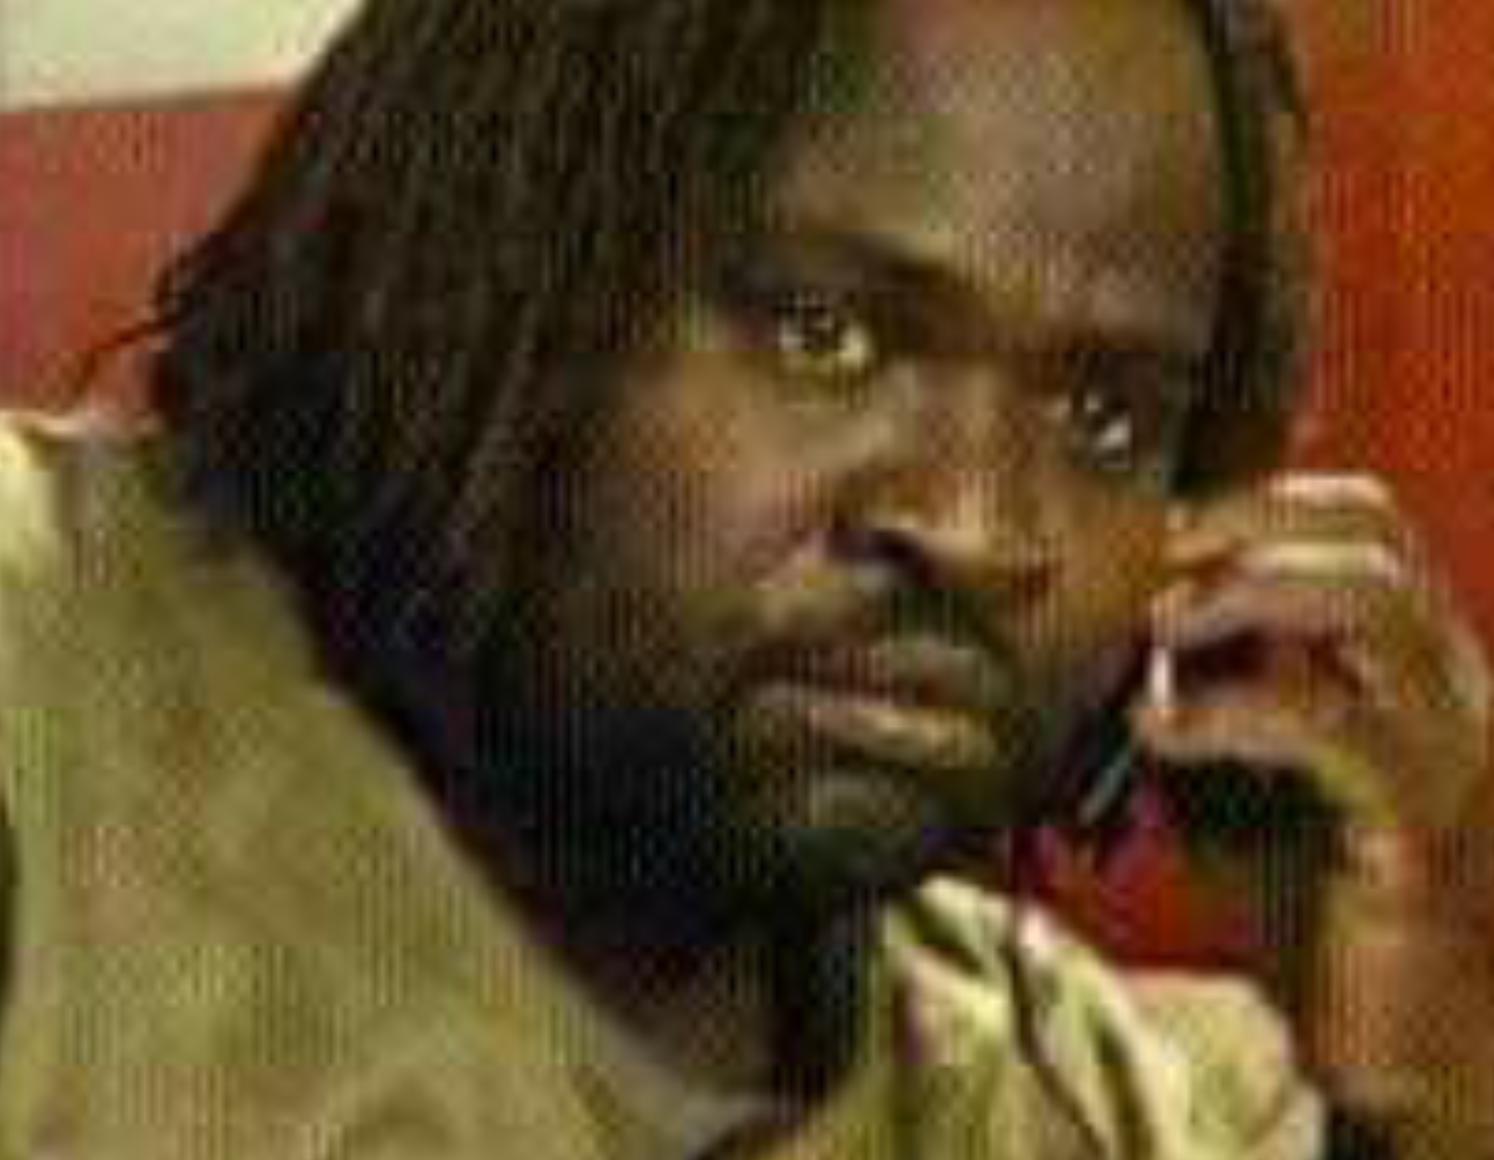 حركة تحرير السودان للعدالة تعزي الشعب السوداني في استشهاد القائد طرادة و رفاقه